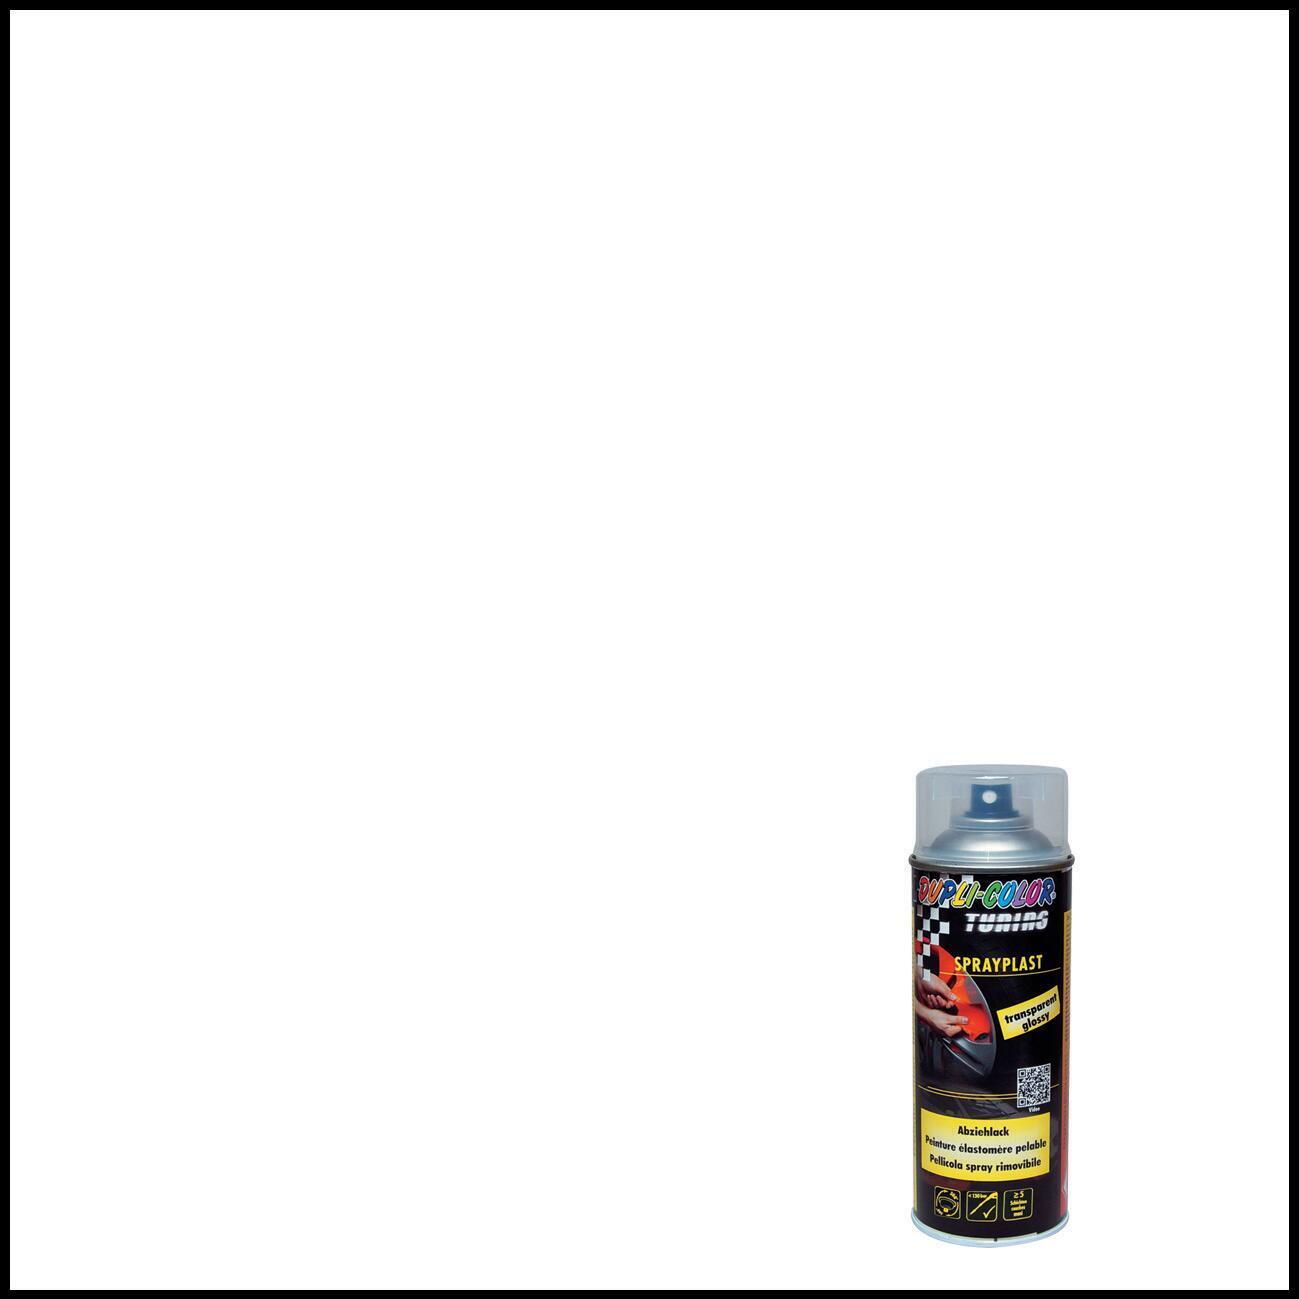 Smalto spray base solvente DUPLI COLOR Sprayplast 0.0075 L trasparente lucido - 1